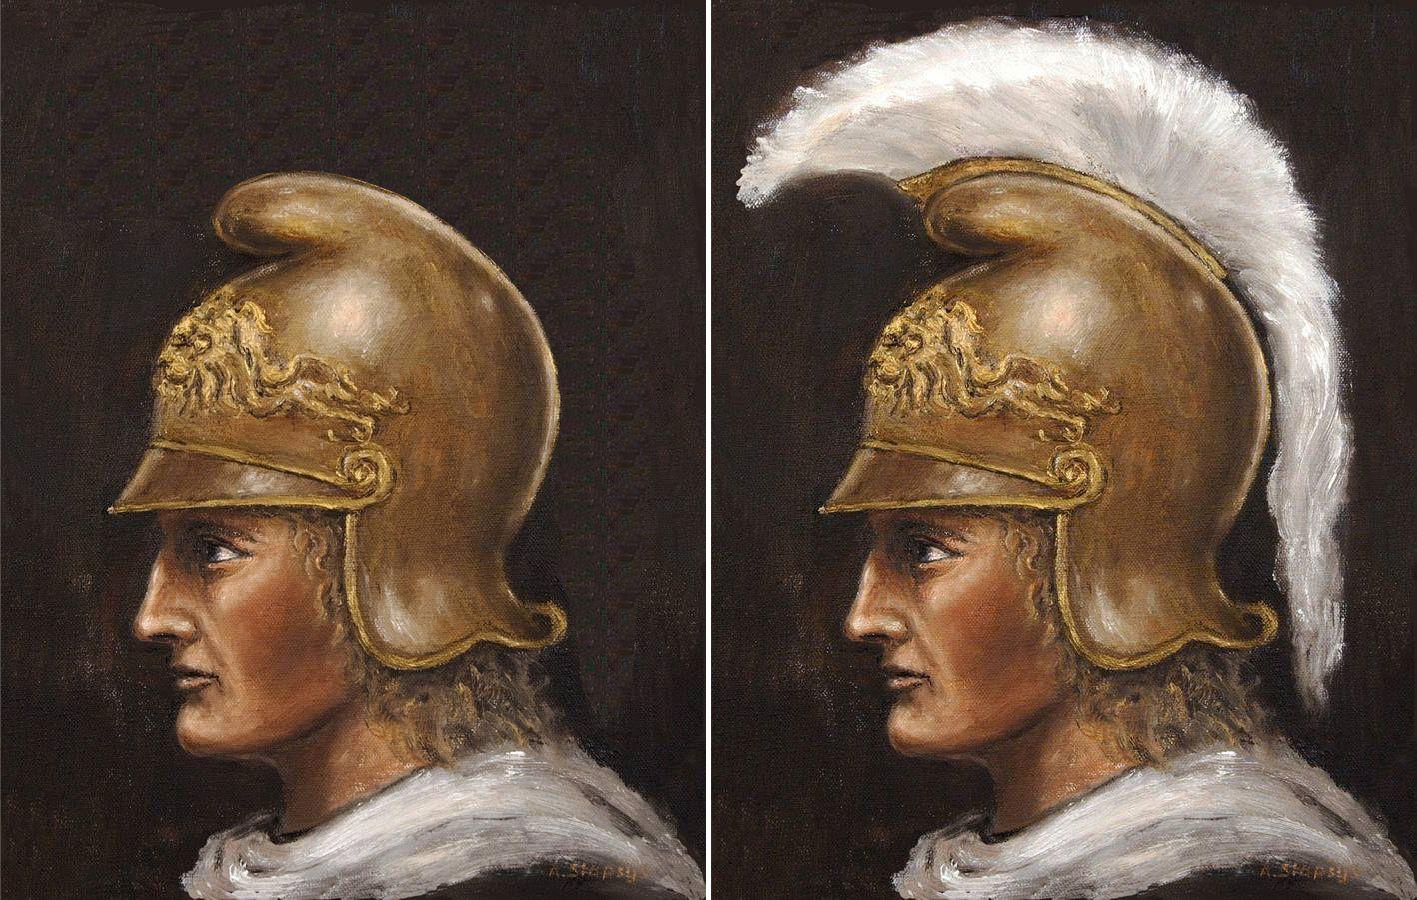 Рисунок 16. Греческий шлем без перьев и с оными на примере изображения Александра Македонского.